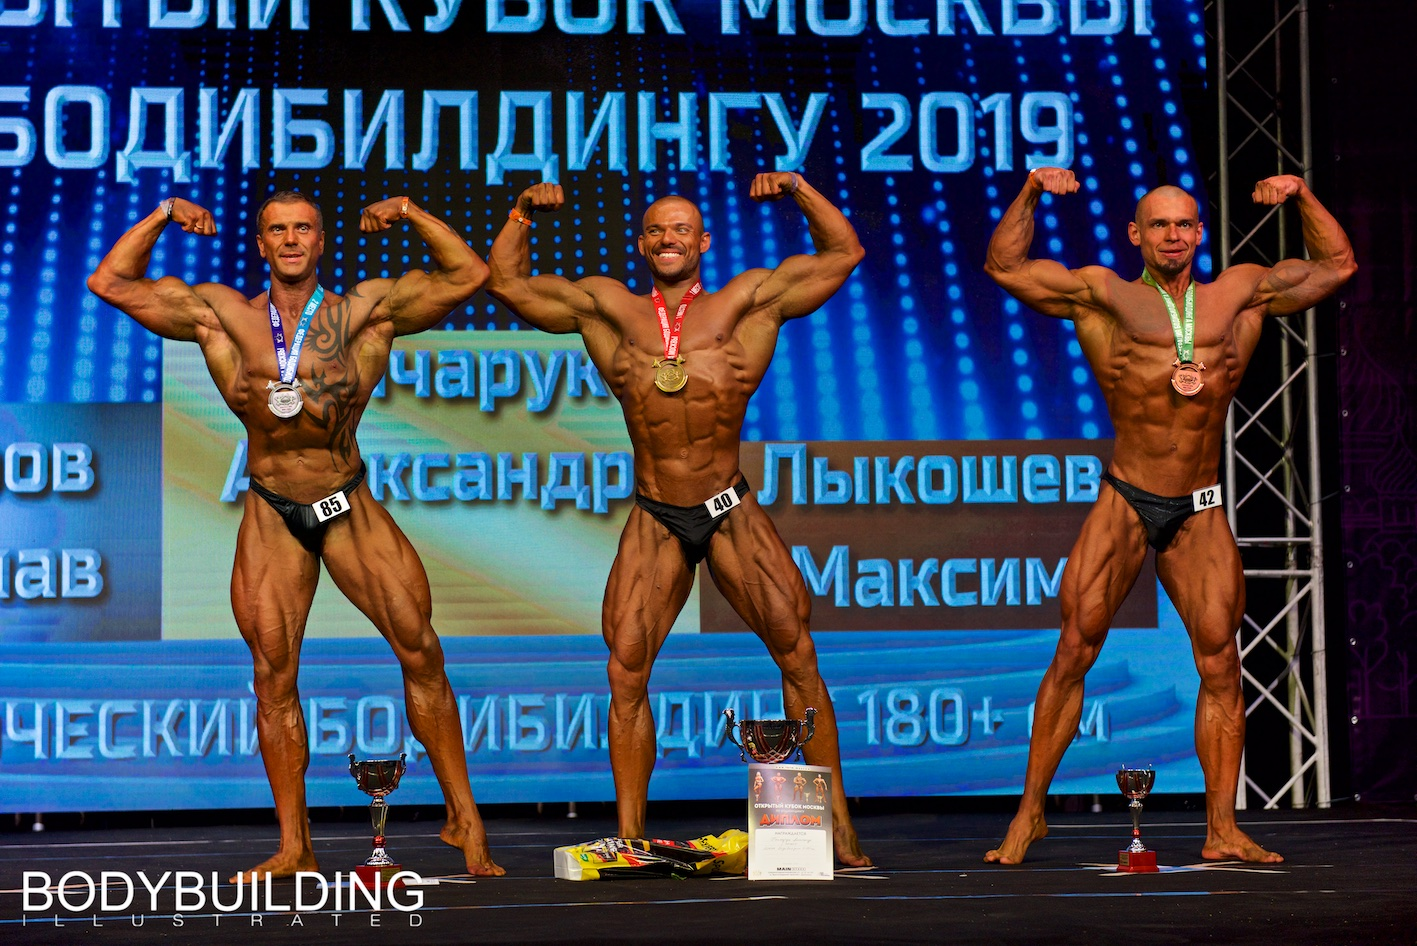 Кубок Москвы по бодибилдингу 2019 классический бодибилдинг